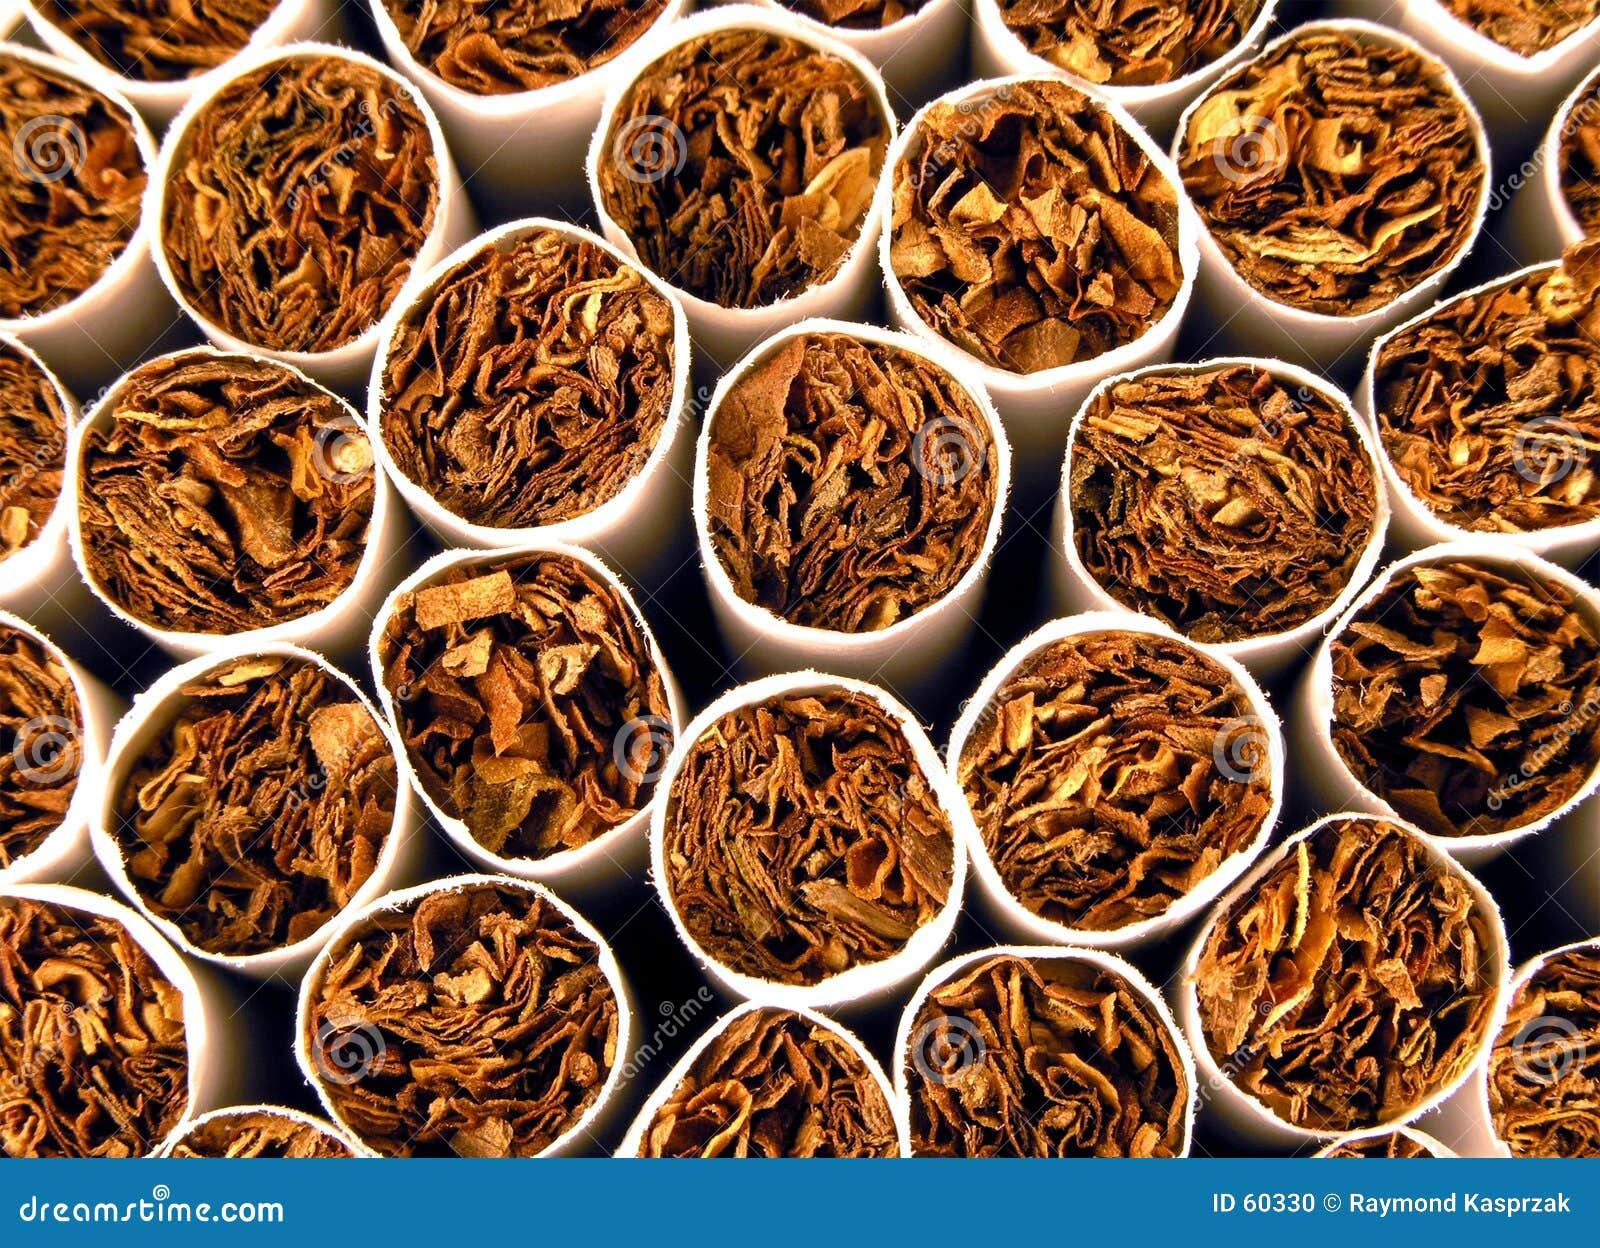 De Achtergrond van de tabak